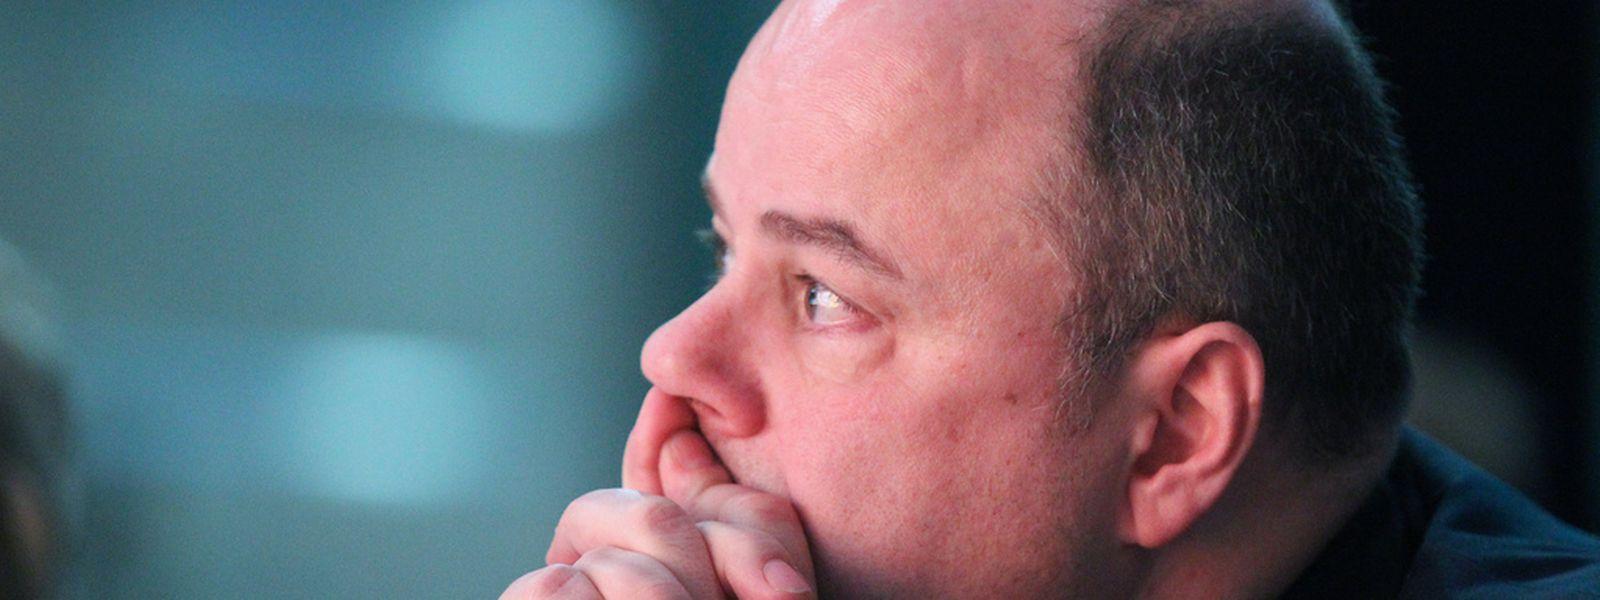 CSV-Parteichef Marc Spautz wird aus den eigenen Reihen mangelnde Krisenbewältigung und parteischädigendes Verhalten vorgeworfen.